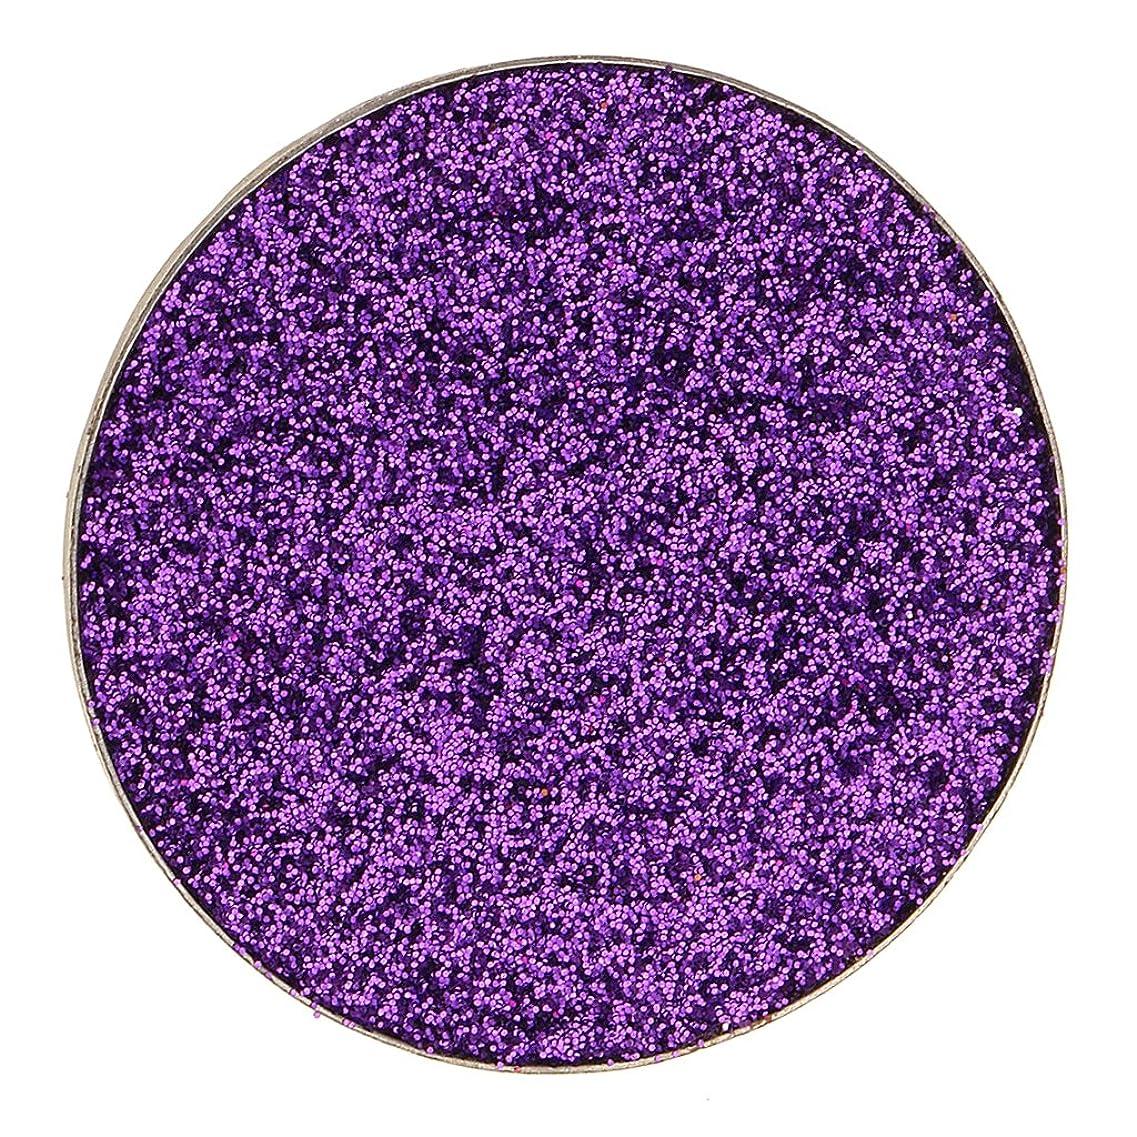 補助金直立殺人Kesoto ダイヤモンド キラキラ シマー メイクアップ アイシャドウ 顔料 長持ち 滑らか 全5色 - 紫